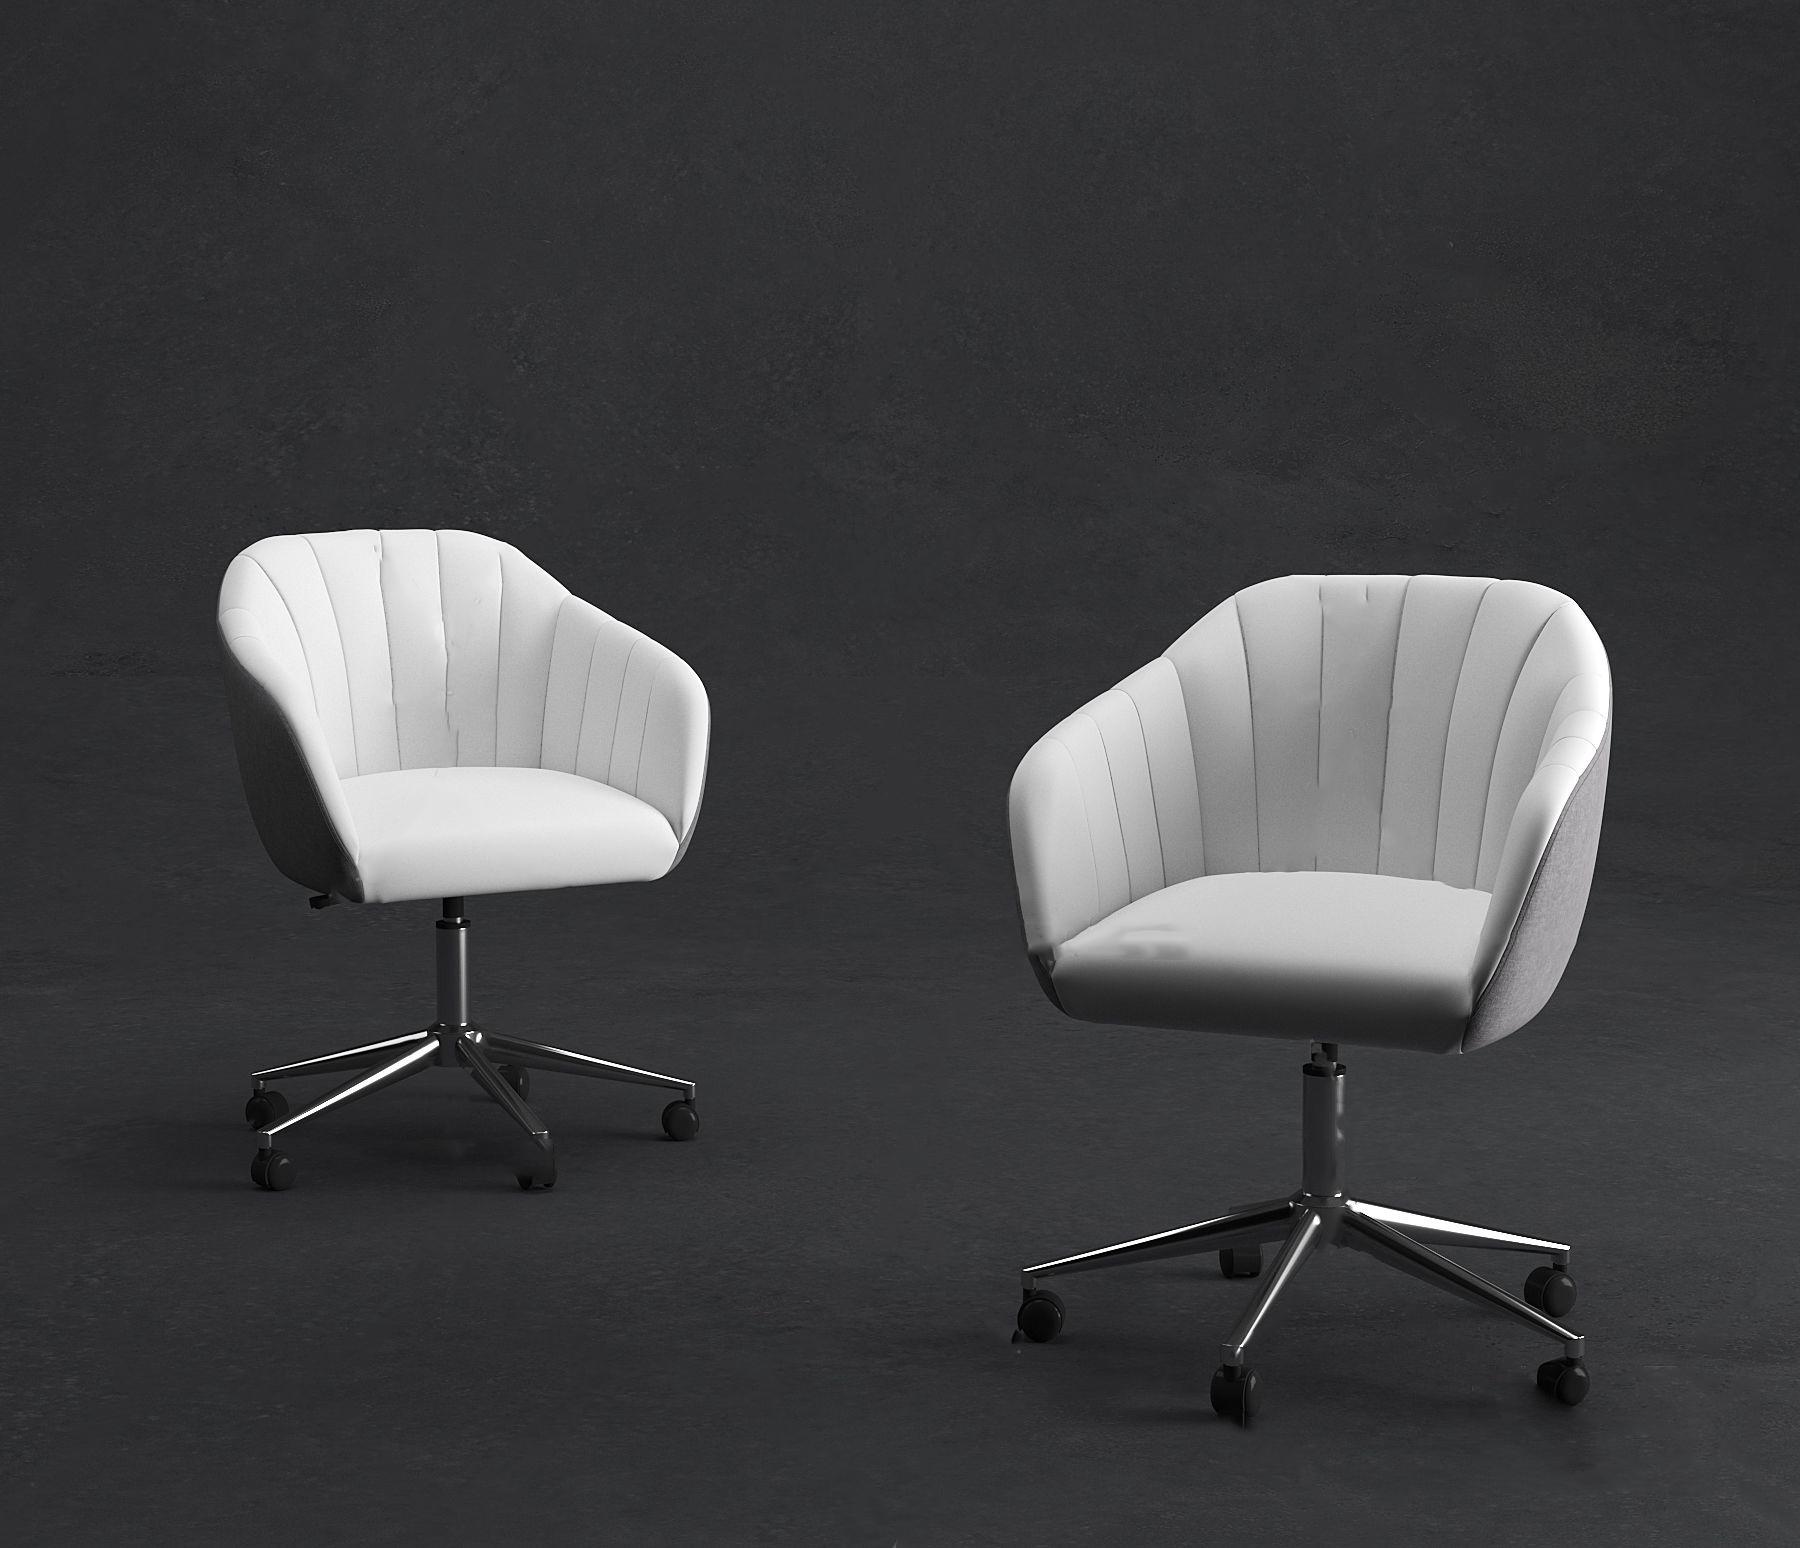 �F代布��k信息回�土诉^�砉�椅3D模型【ID:742270484】